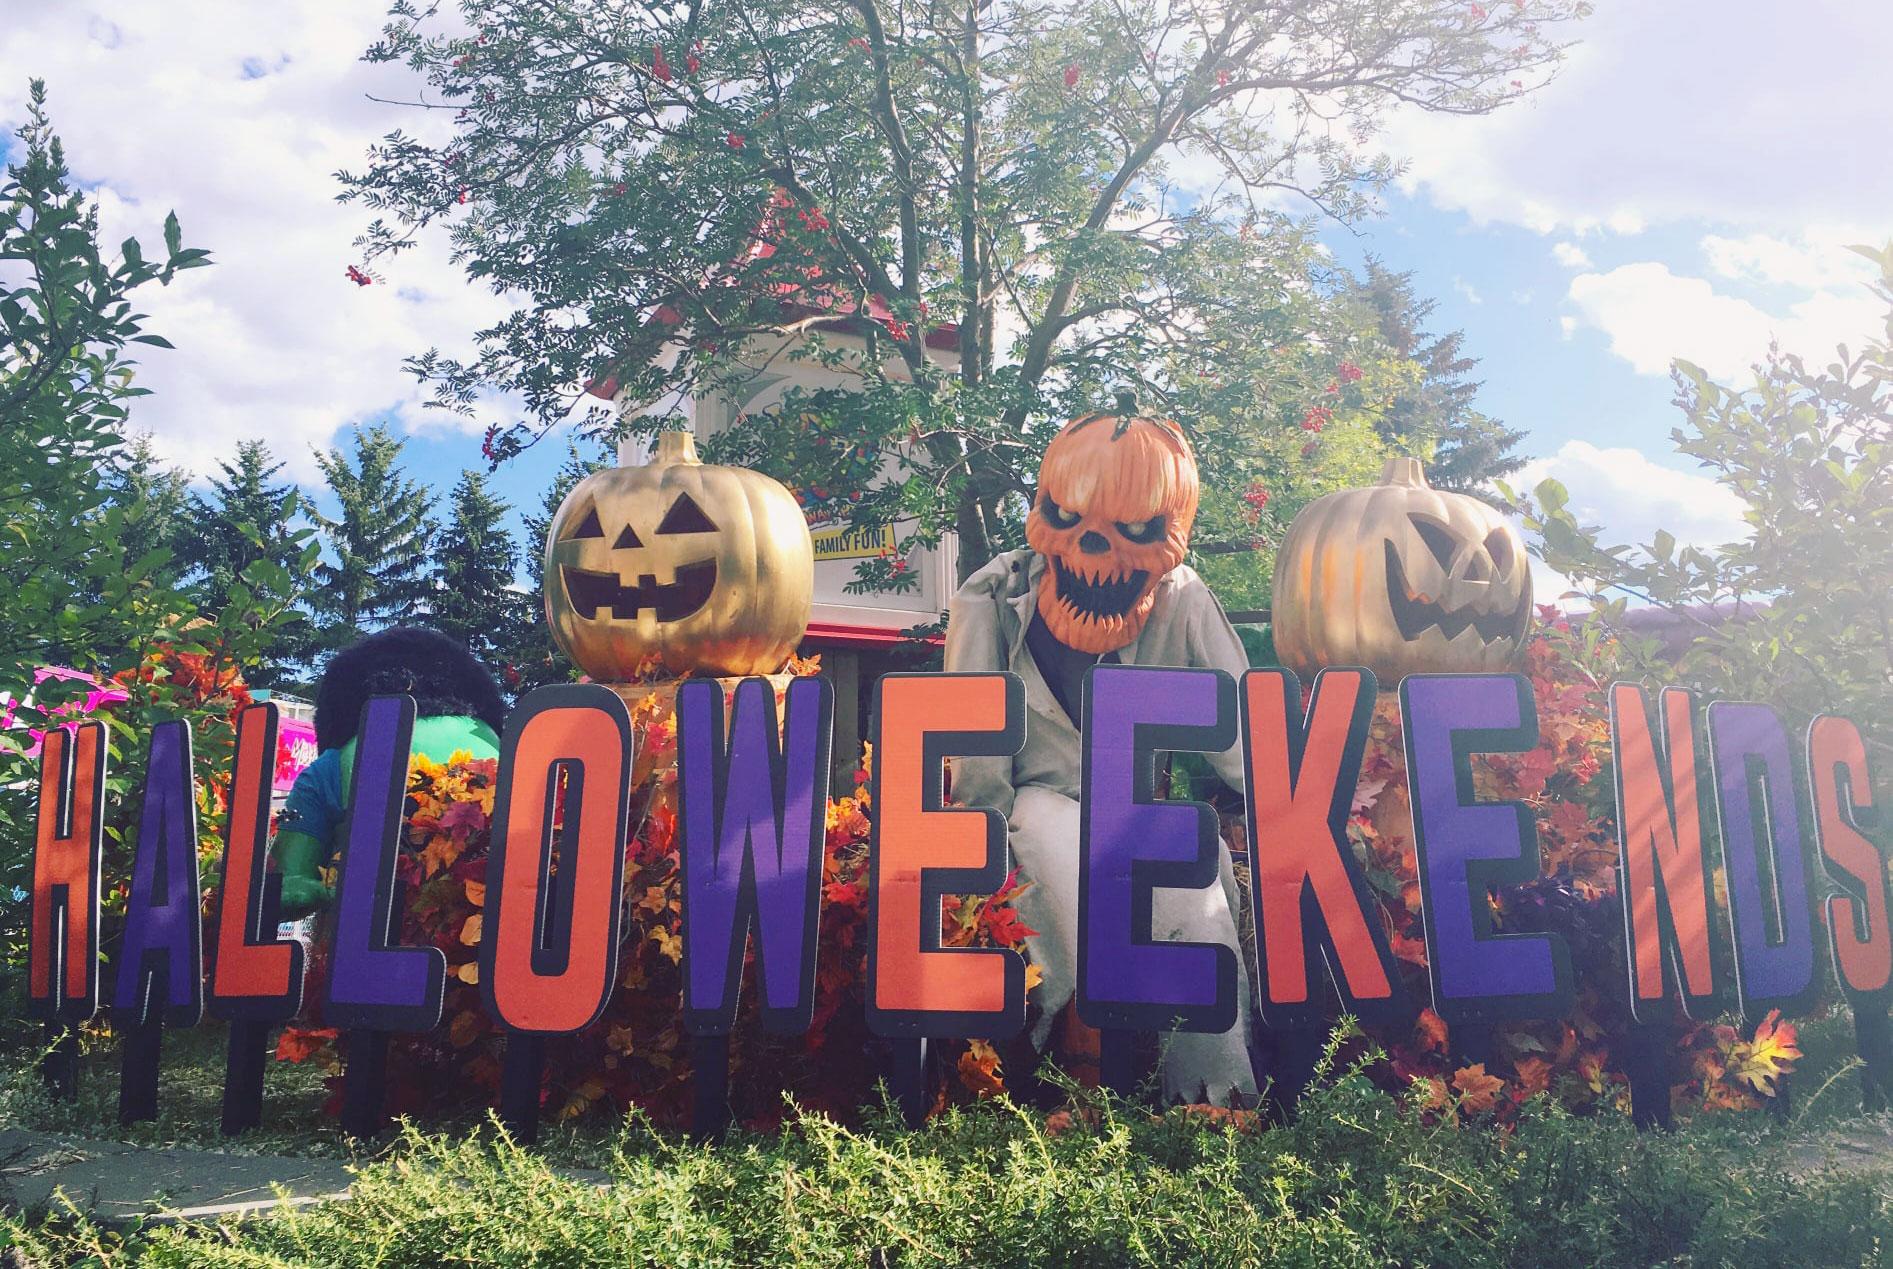 halloweekends at Calaway Park